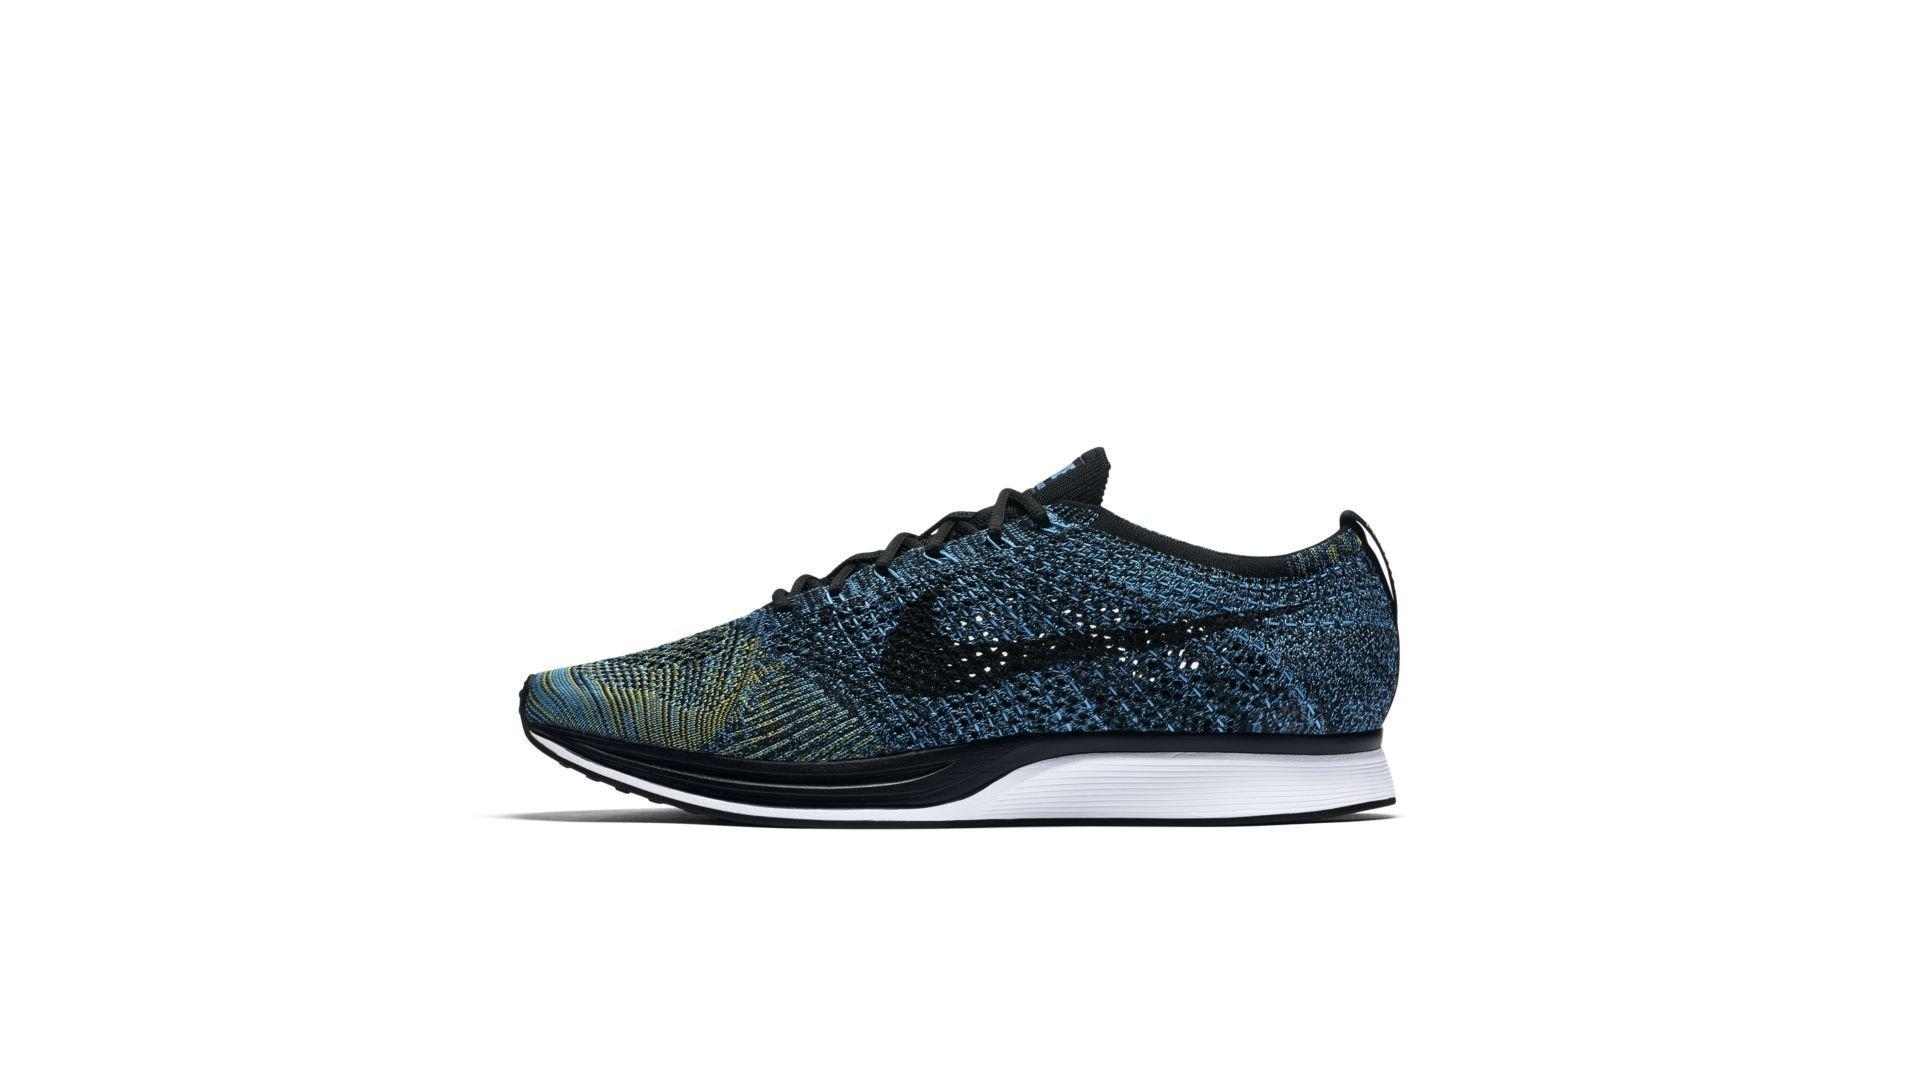 Nike Flyknit Racer Blue Glow Yellow Strike (526628-405)